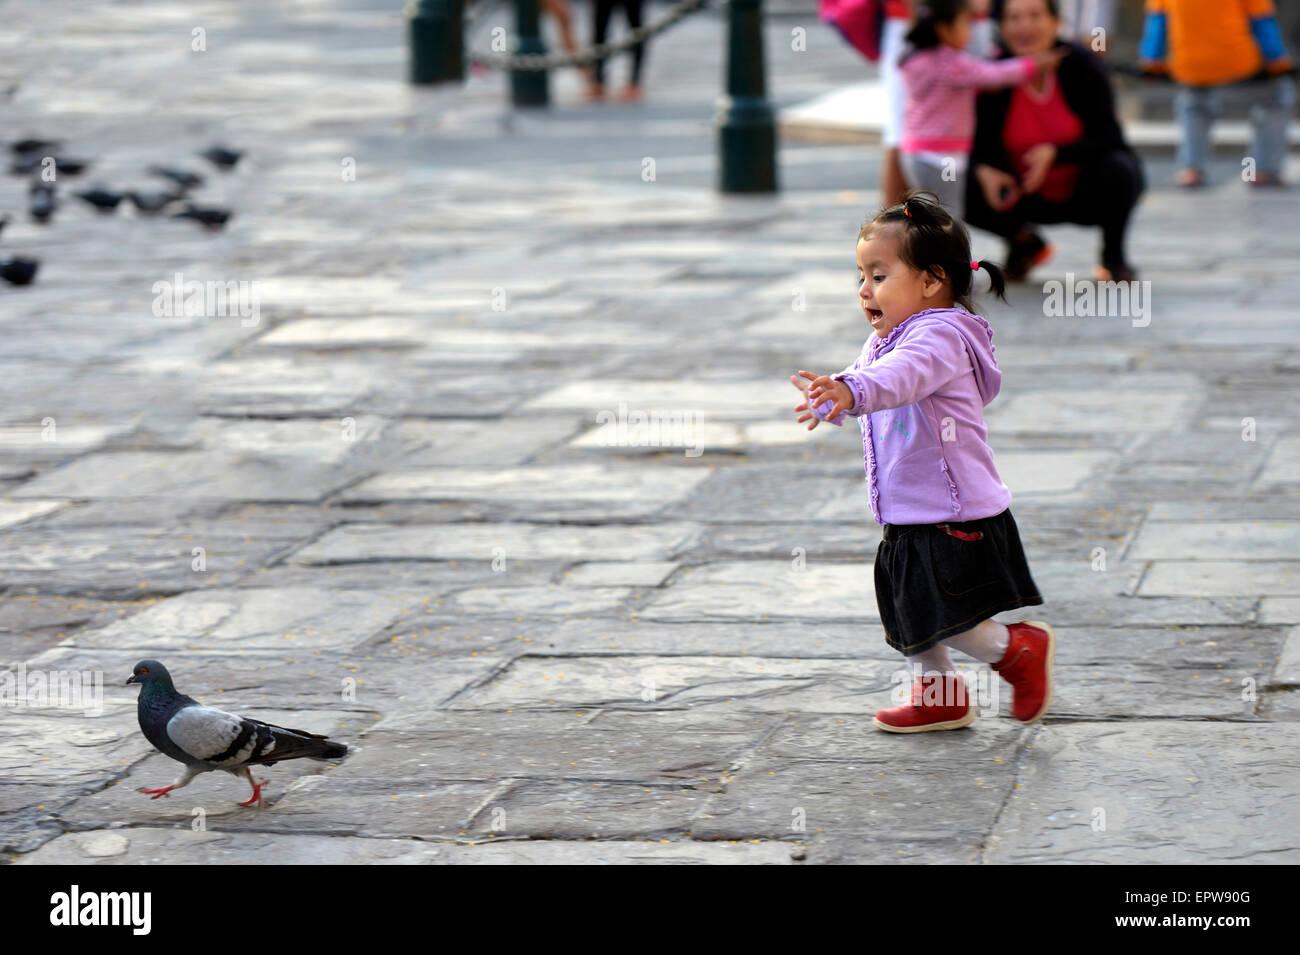 Fille chassant un pigeon sur un carré, Lima, Pérou Banque D'Images